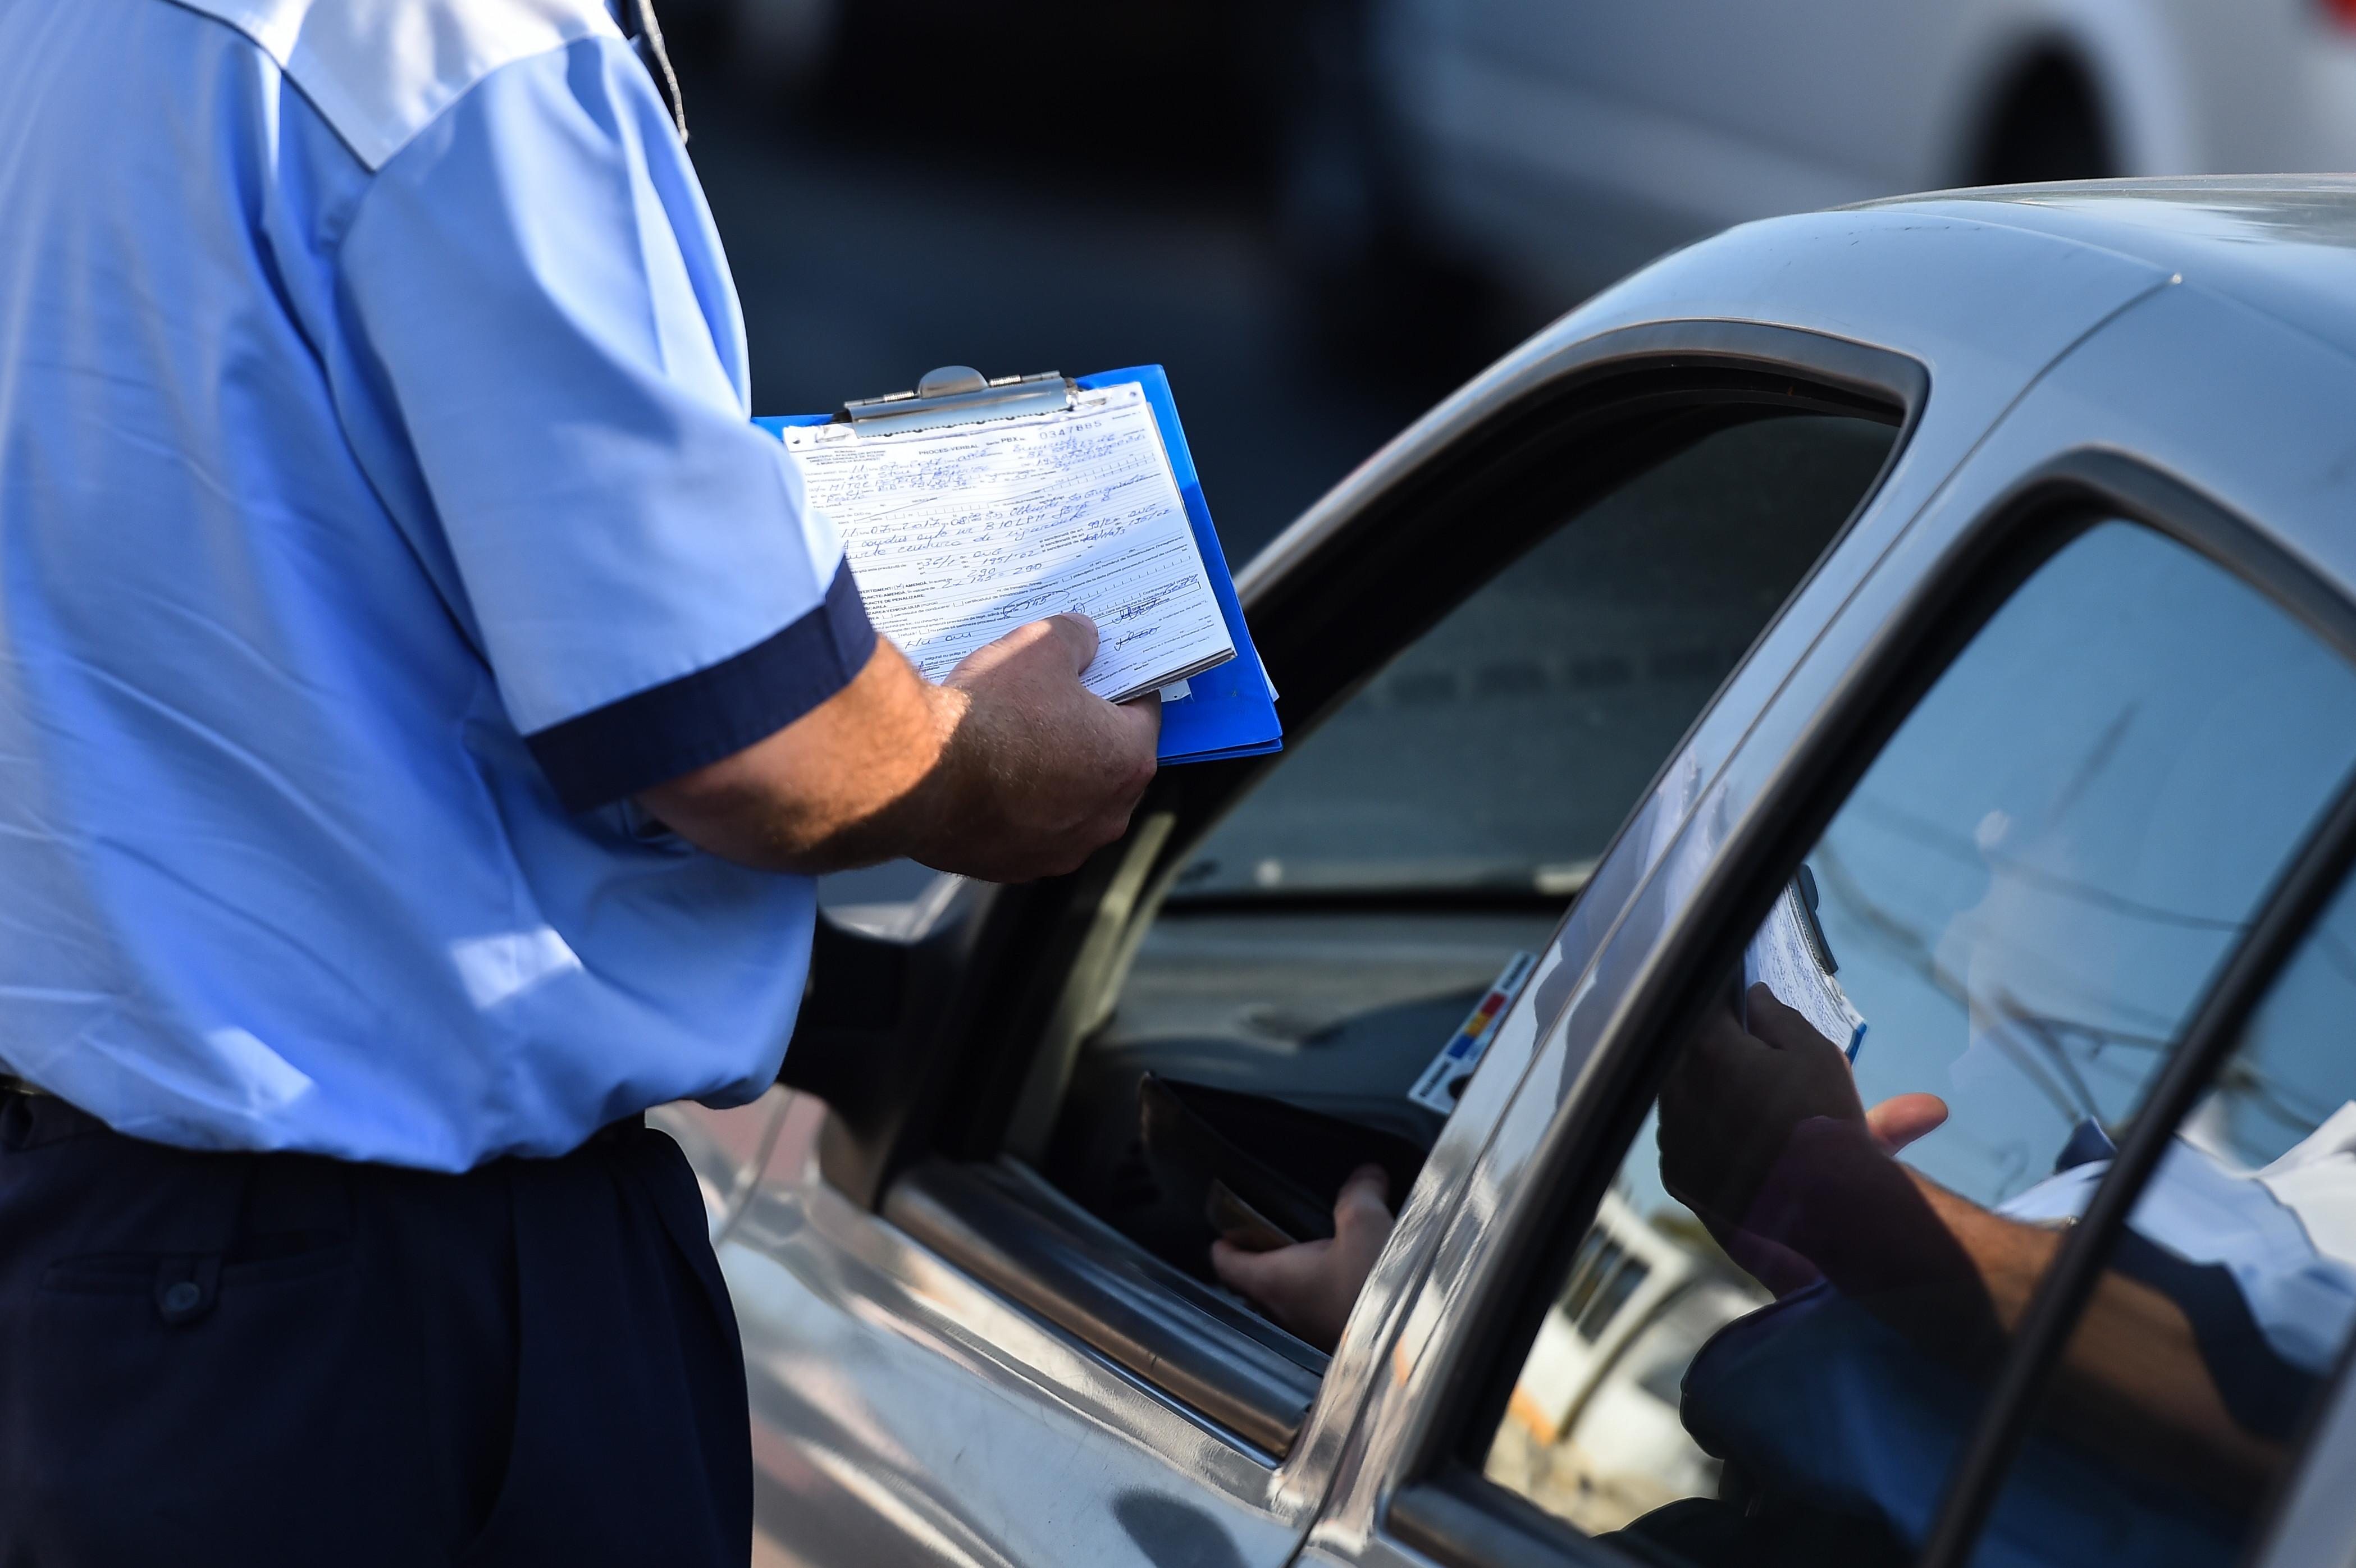 Un șofer din Gorj a rămas fără permis la o zi după ce l-a obținut